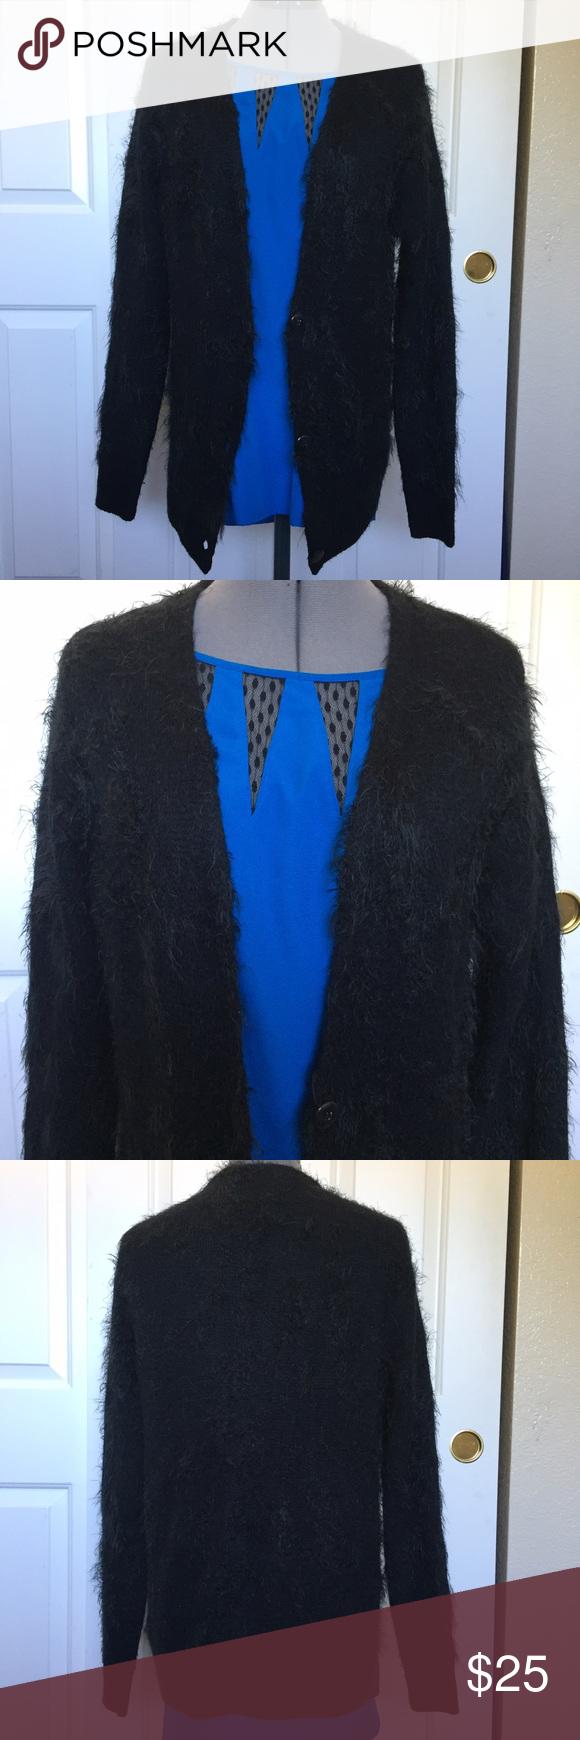 Fuzzy boyfriend Cardigan | Sweater cardigan, Warm and Boyfriend ...